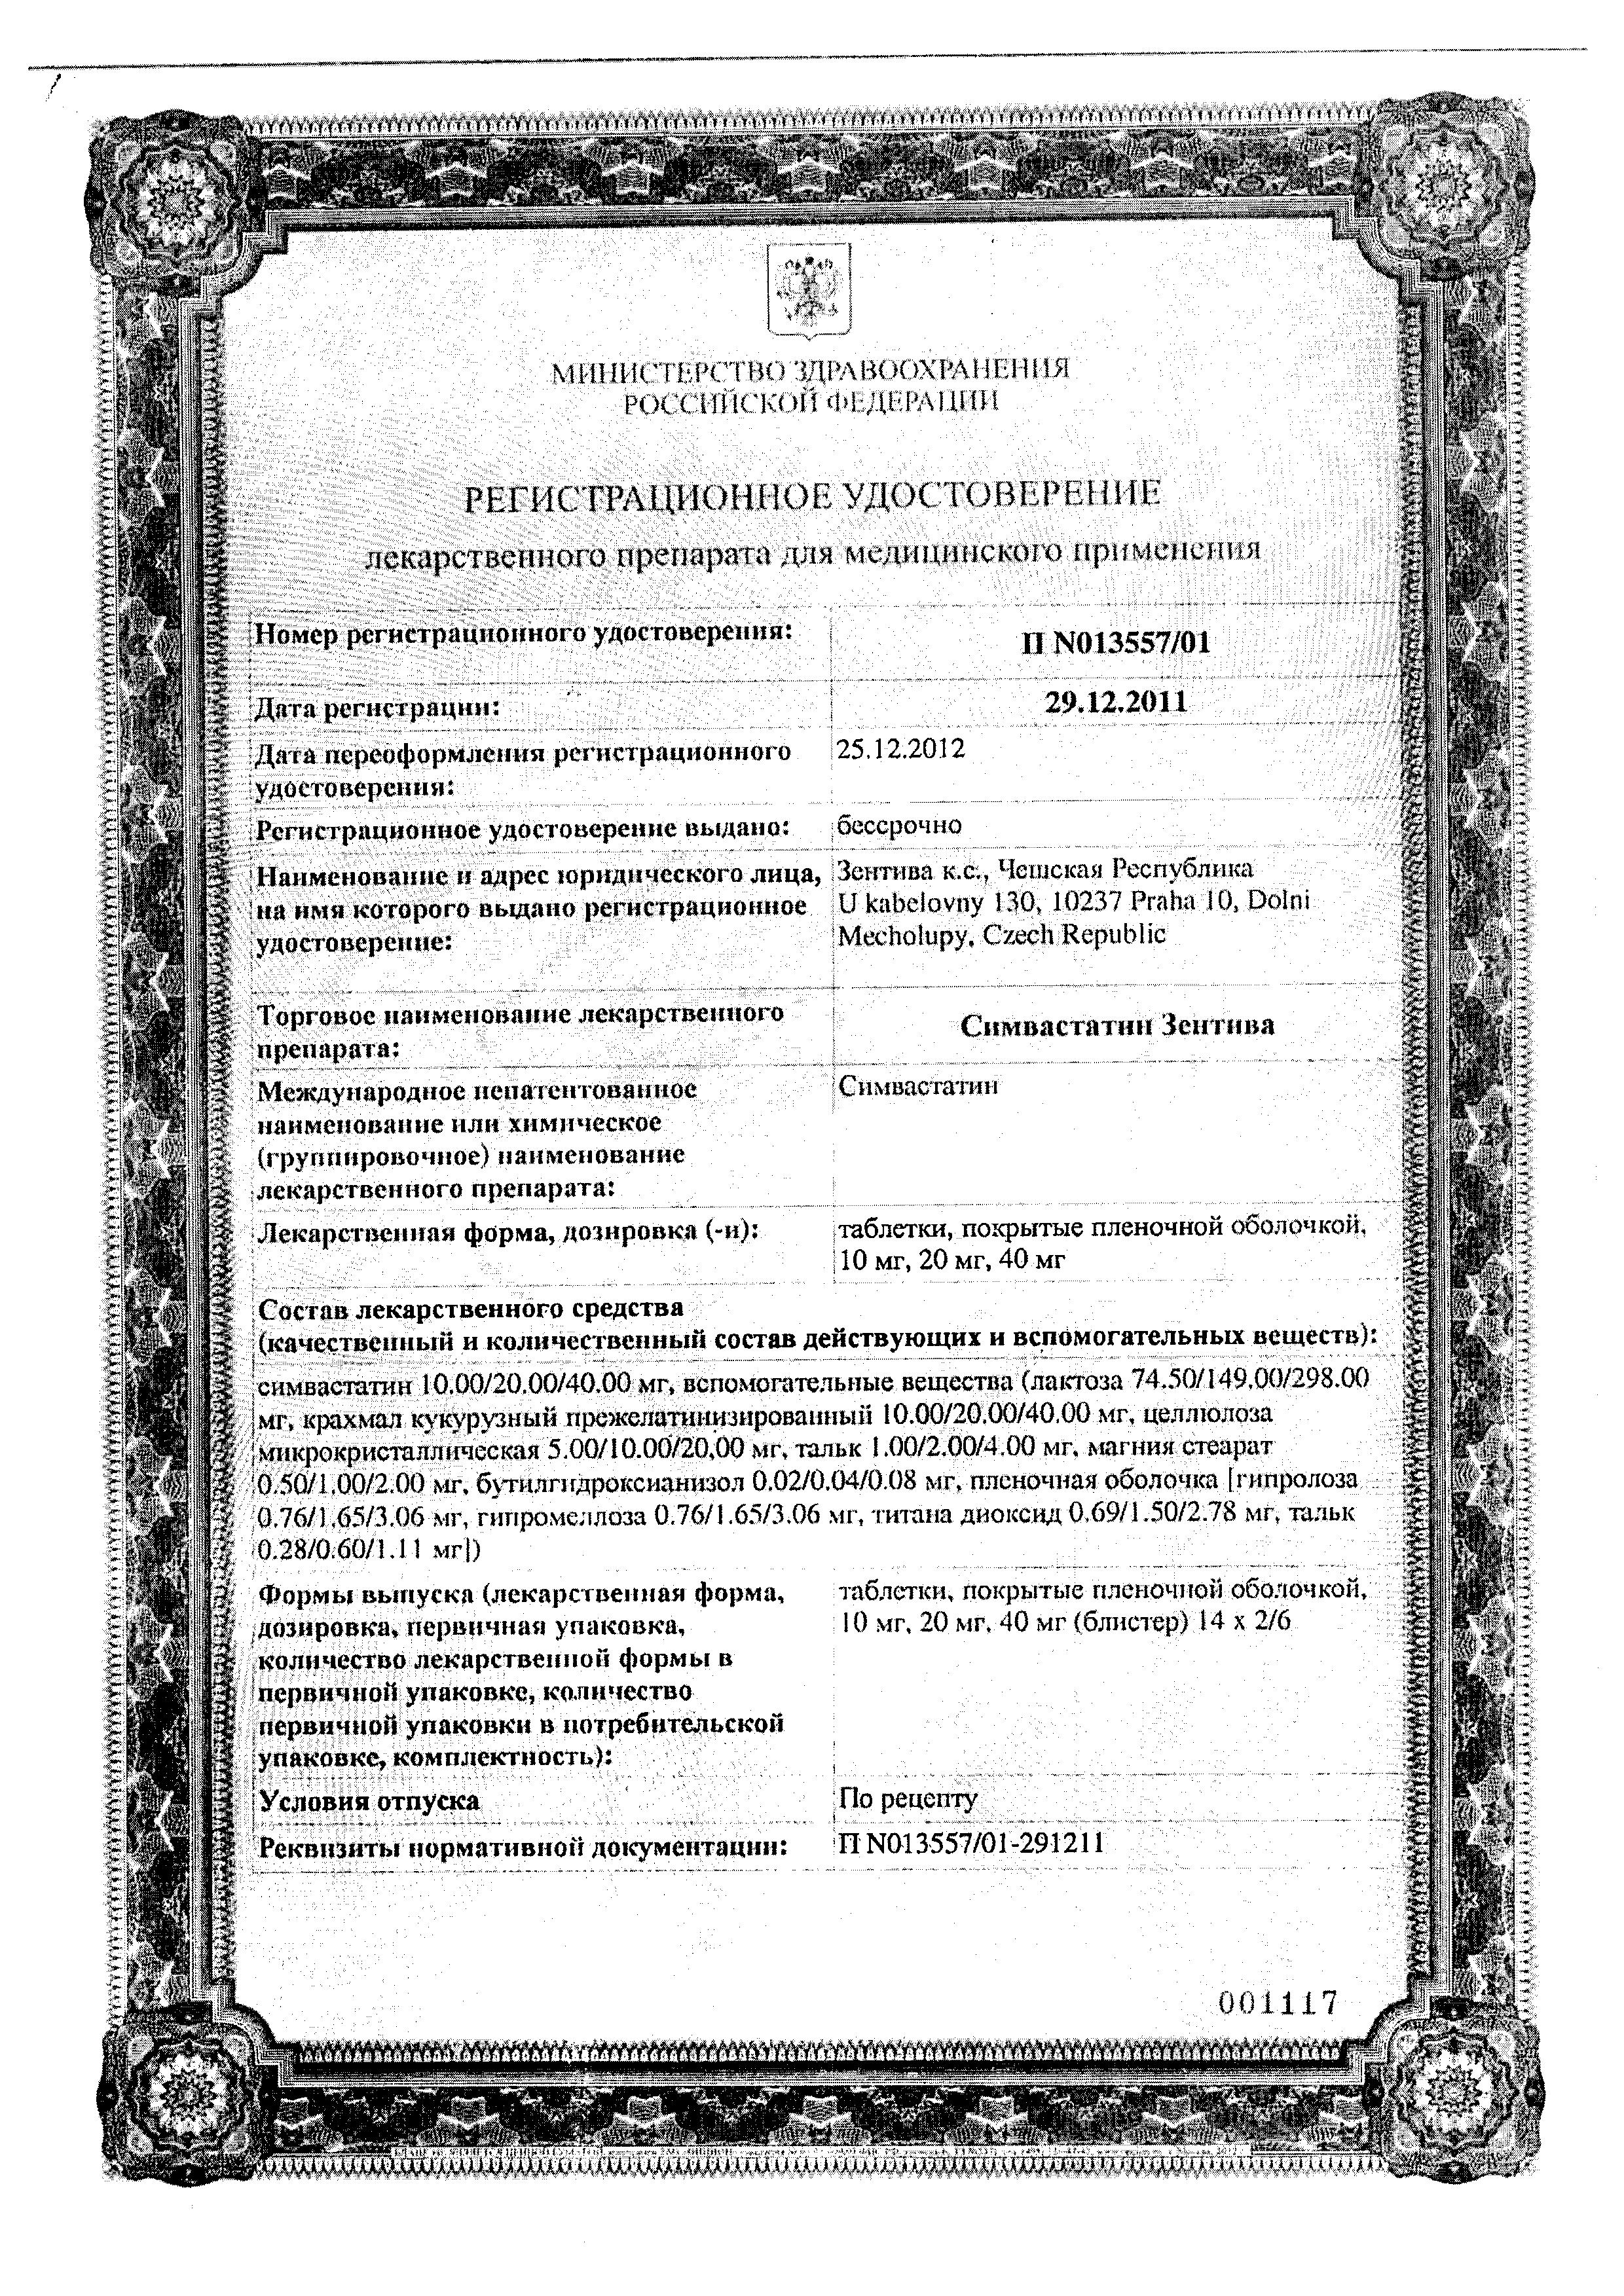 Симвастатин Зентива сертификат